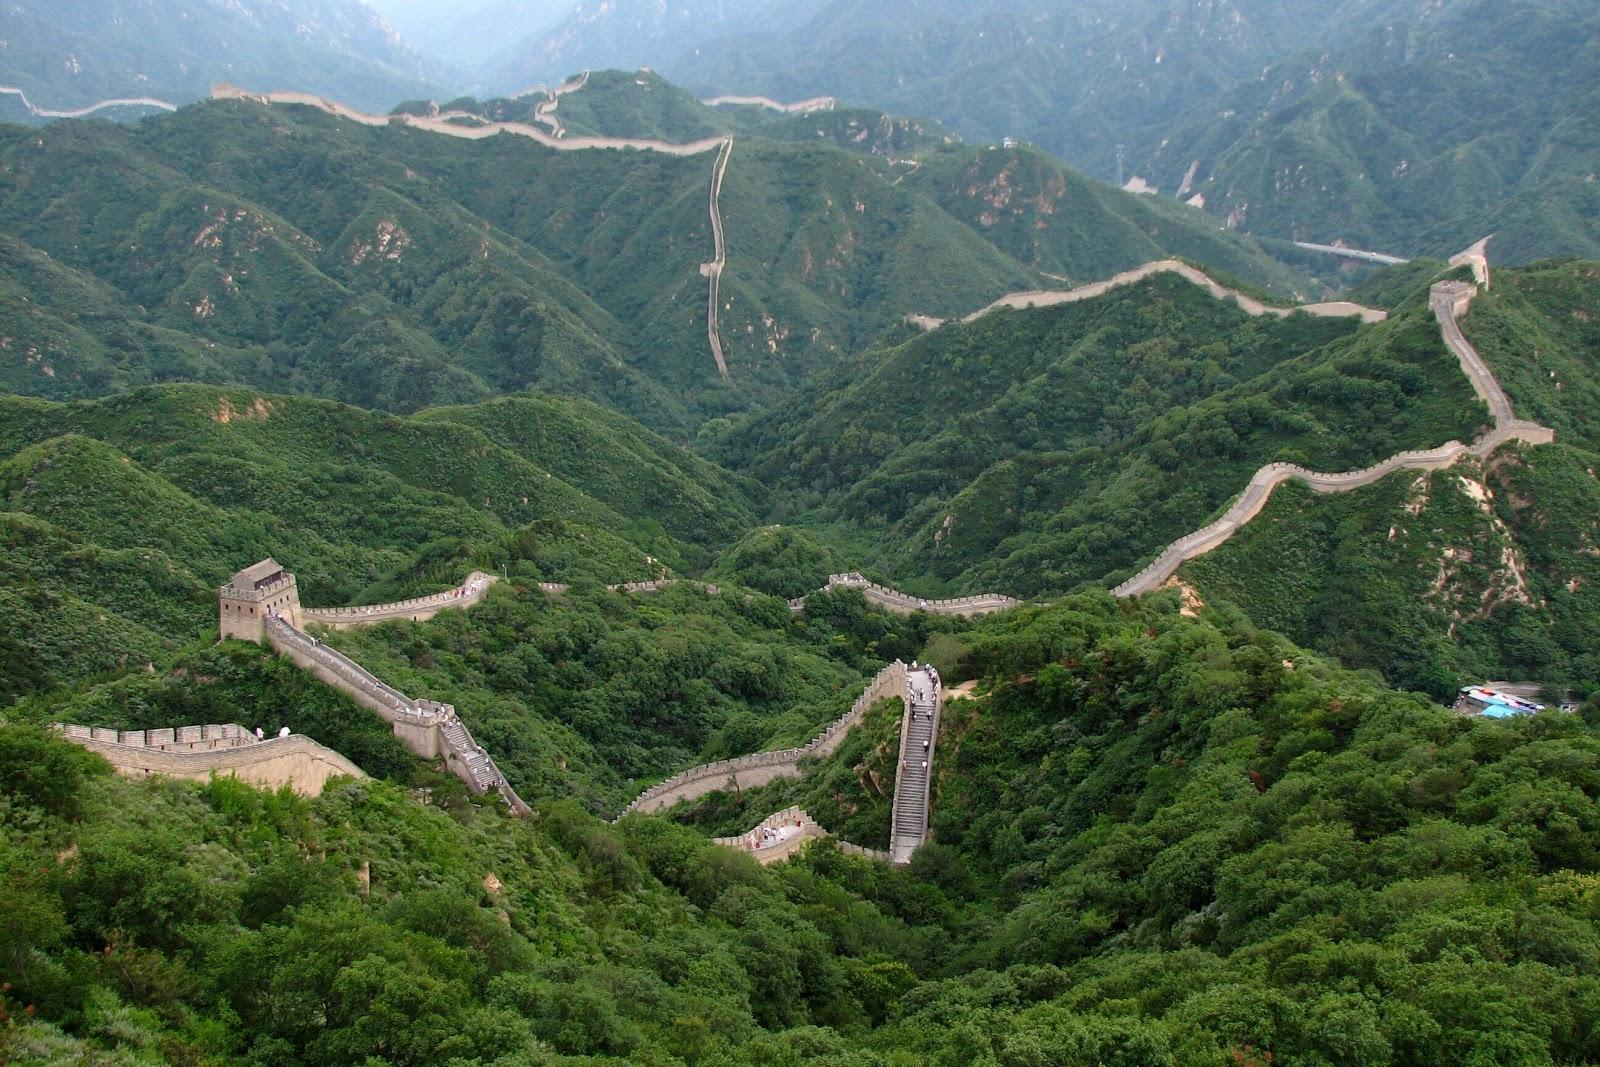 Himaláje china nepál šanghaj čína teraktotova armáda čína